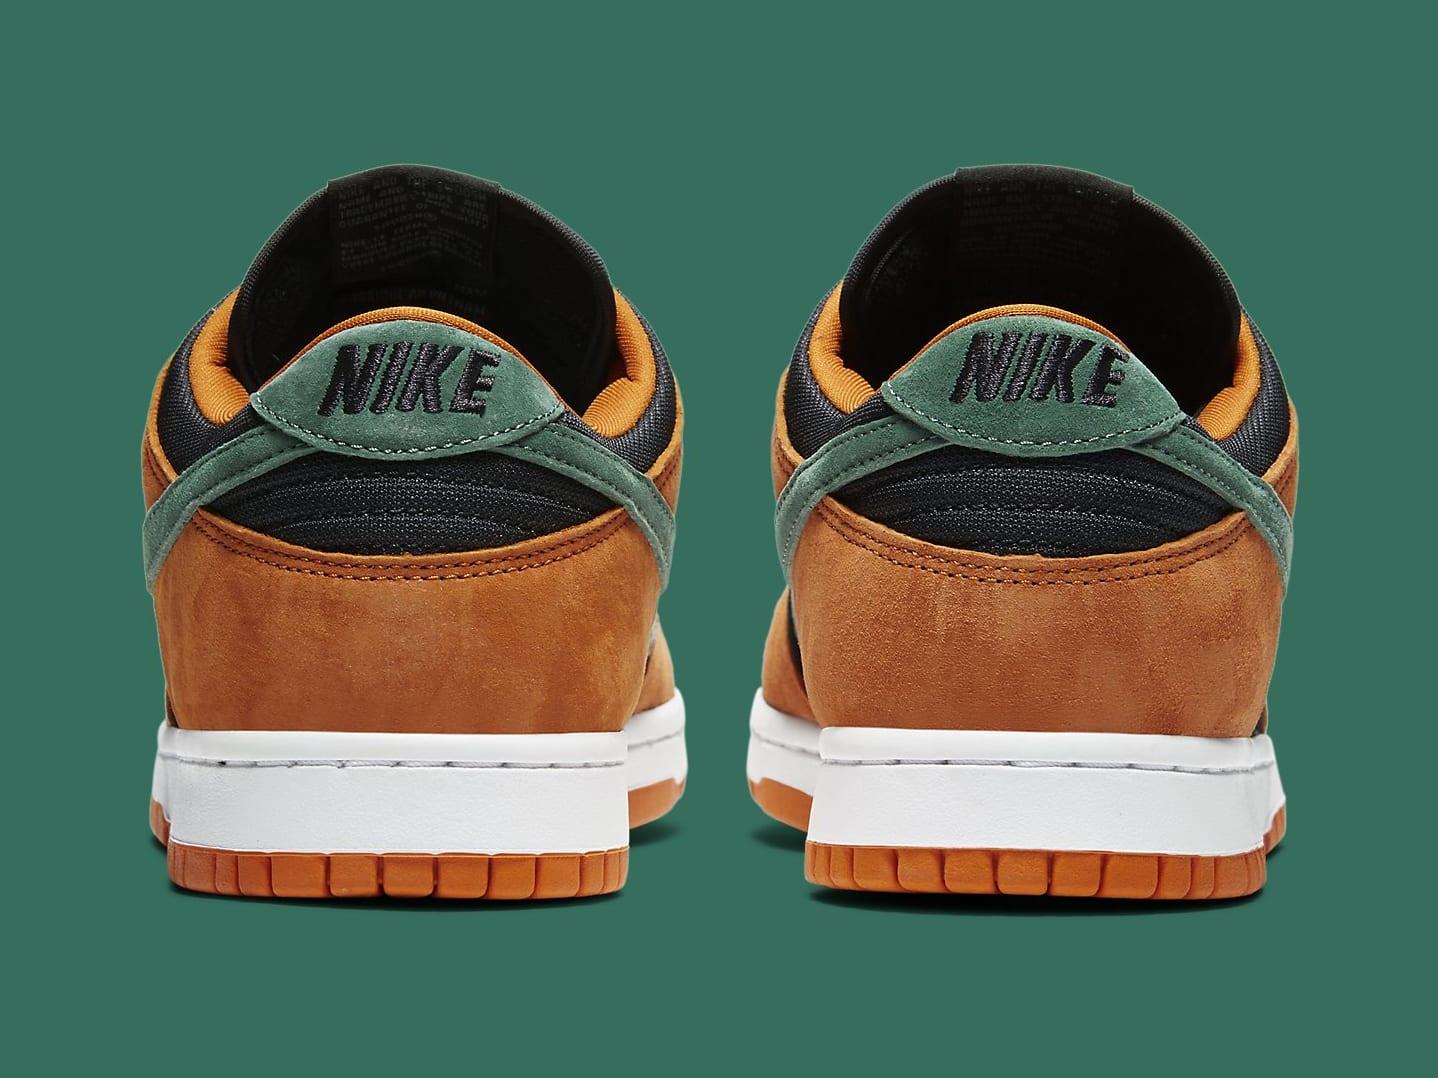 Nike Dunk Low Ceramic Release Date DA1469-001 Heel